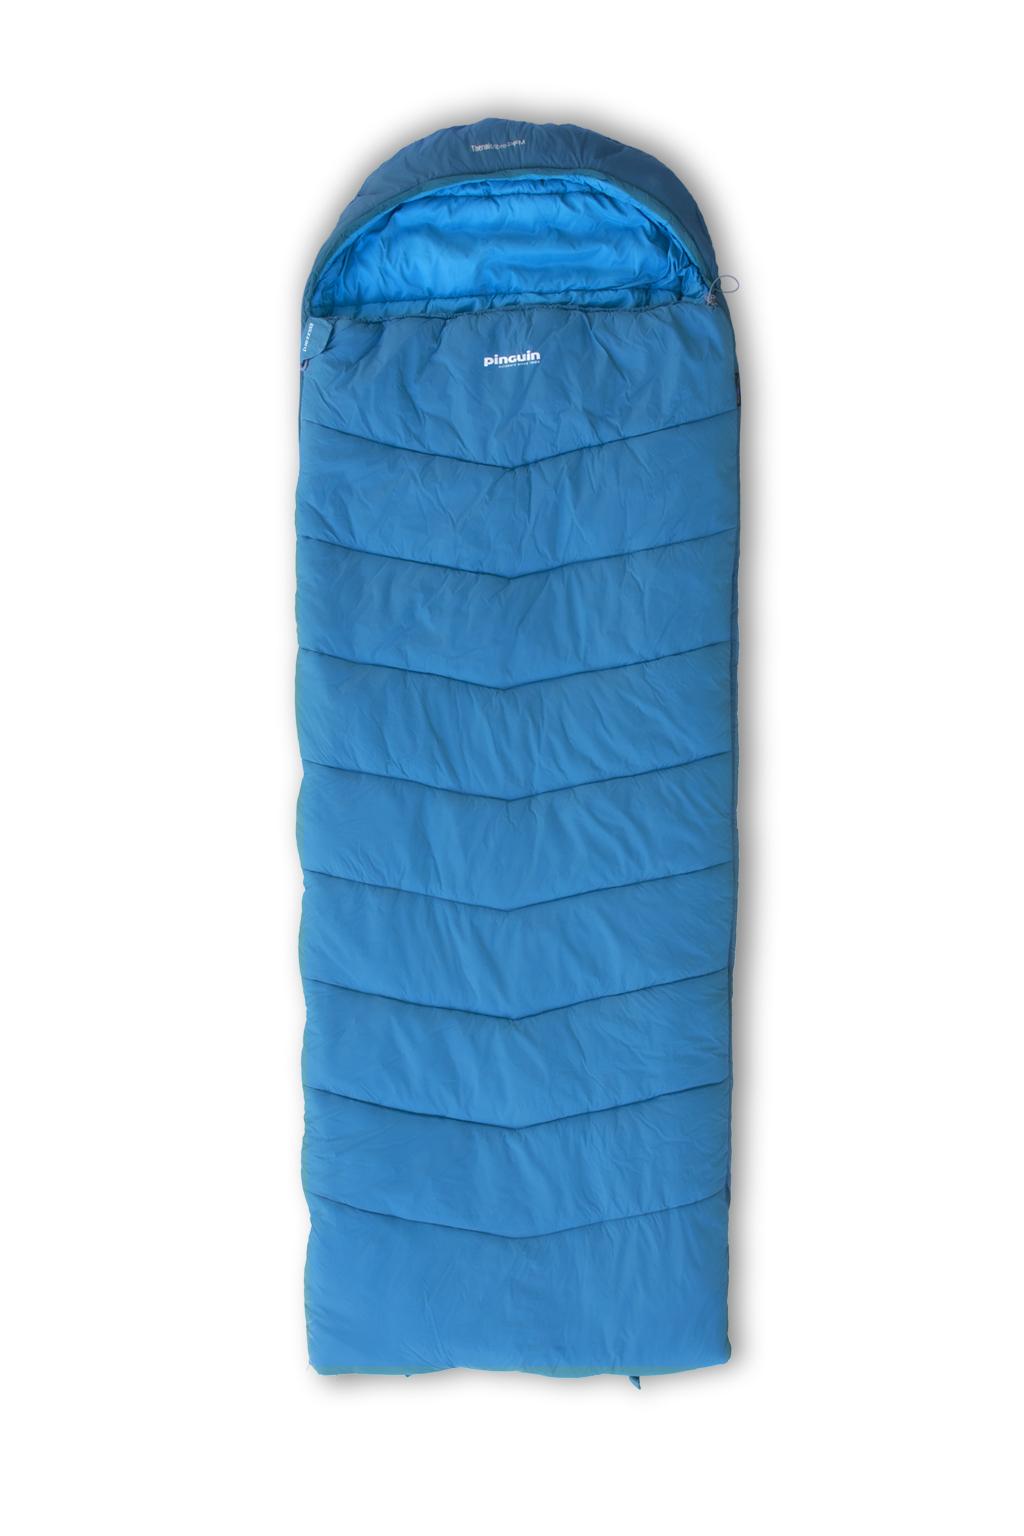 dekový spacák Blizzard blue